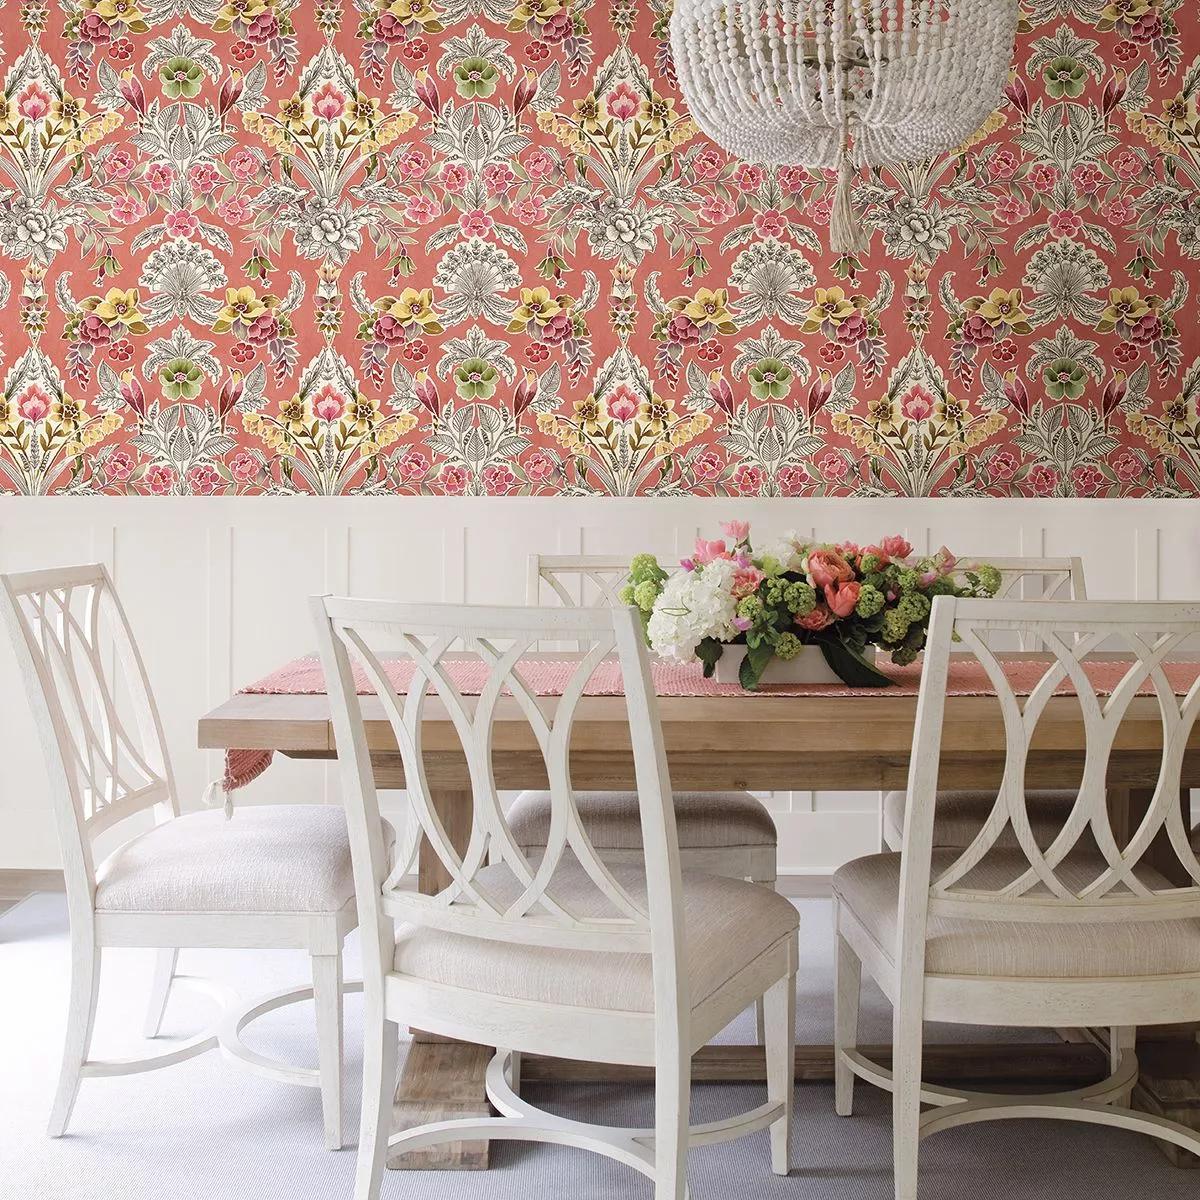 Rózsaszín romantikus vintage stílusú virágmintás vlies tapéta